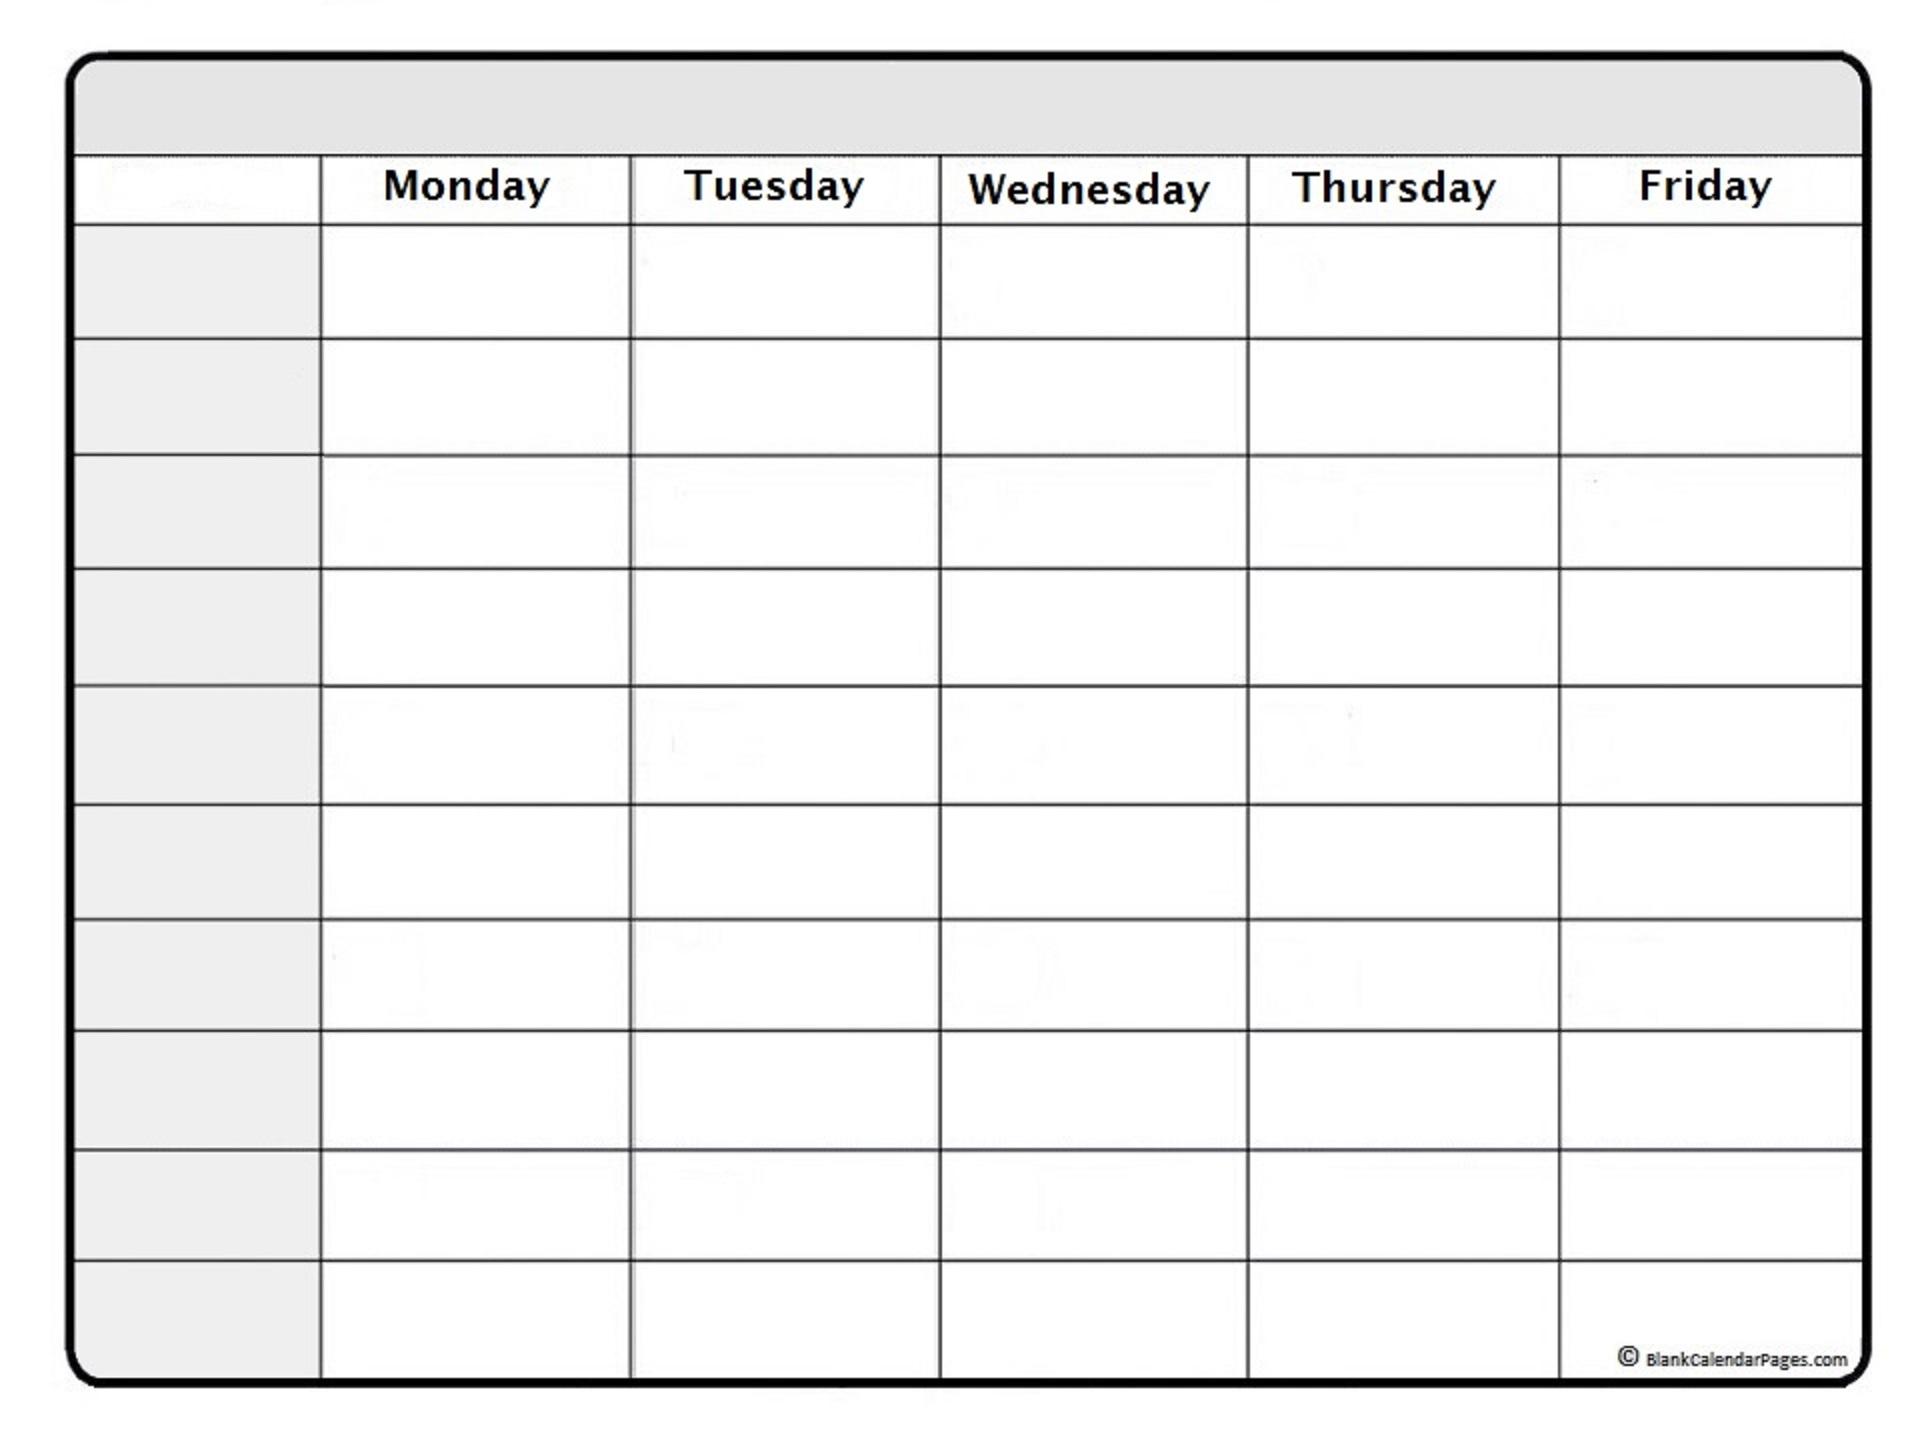 011 Template Ideas 20Schedule Blank Weekly20Ntable Week Calendar20 inside Cute Blank Day Calender Templates